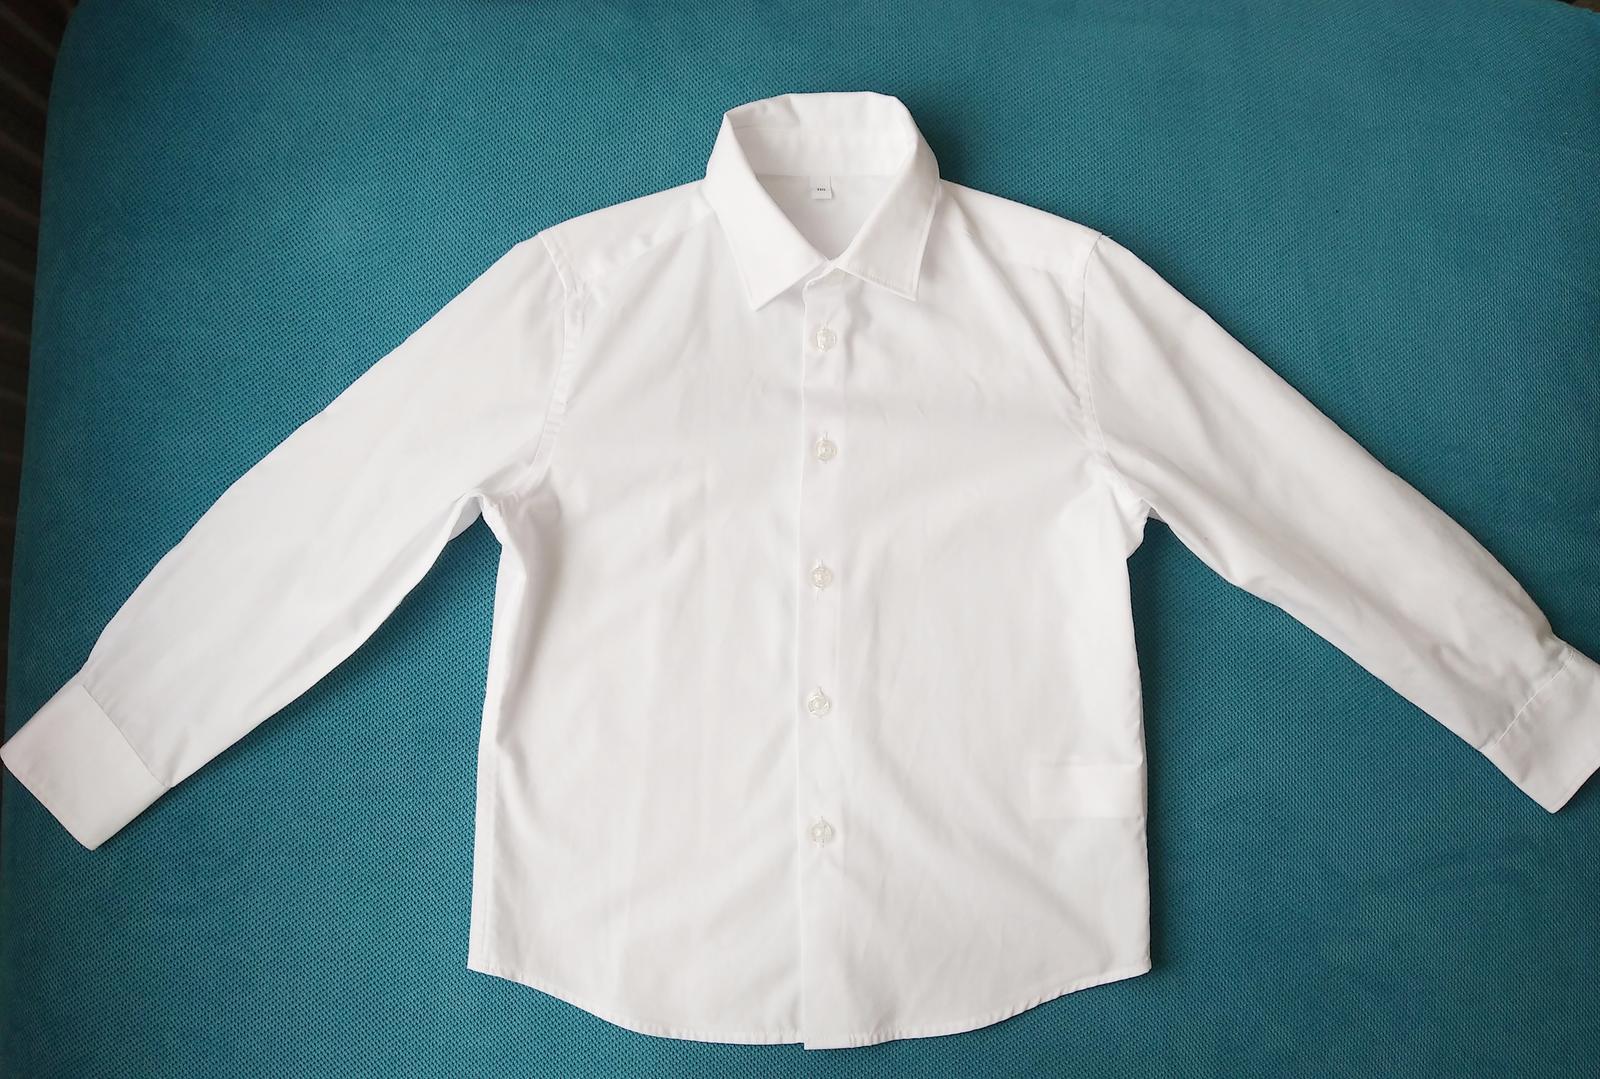 Košile 110 - Obrázek č. 1